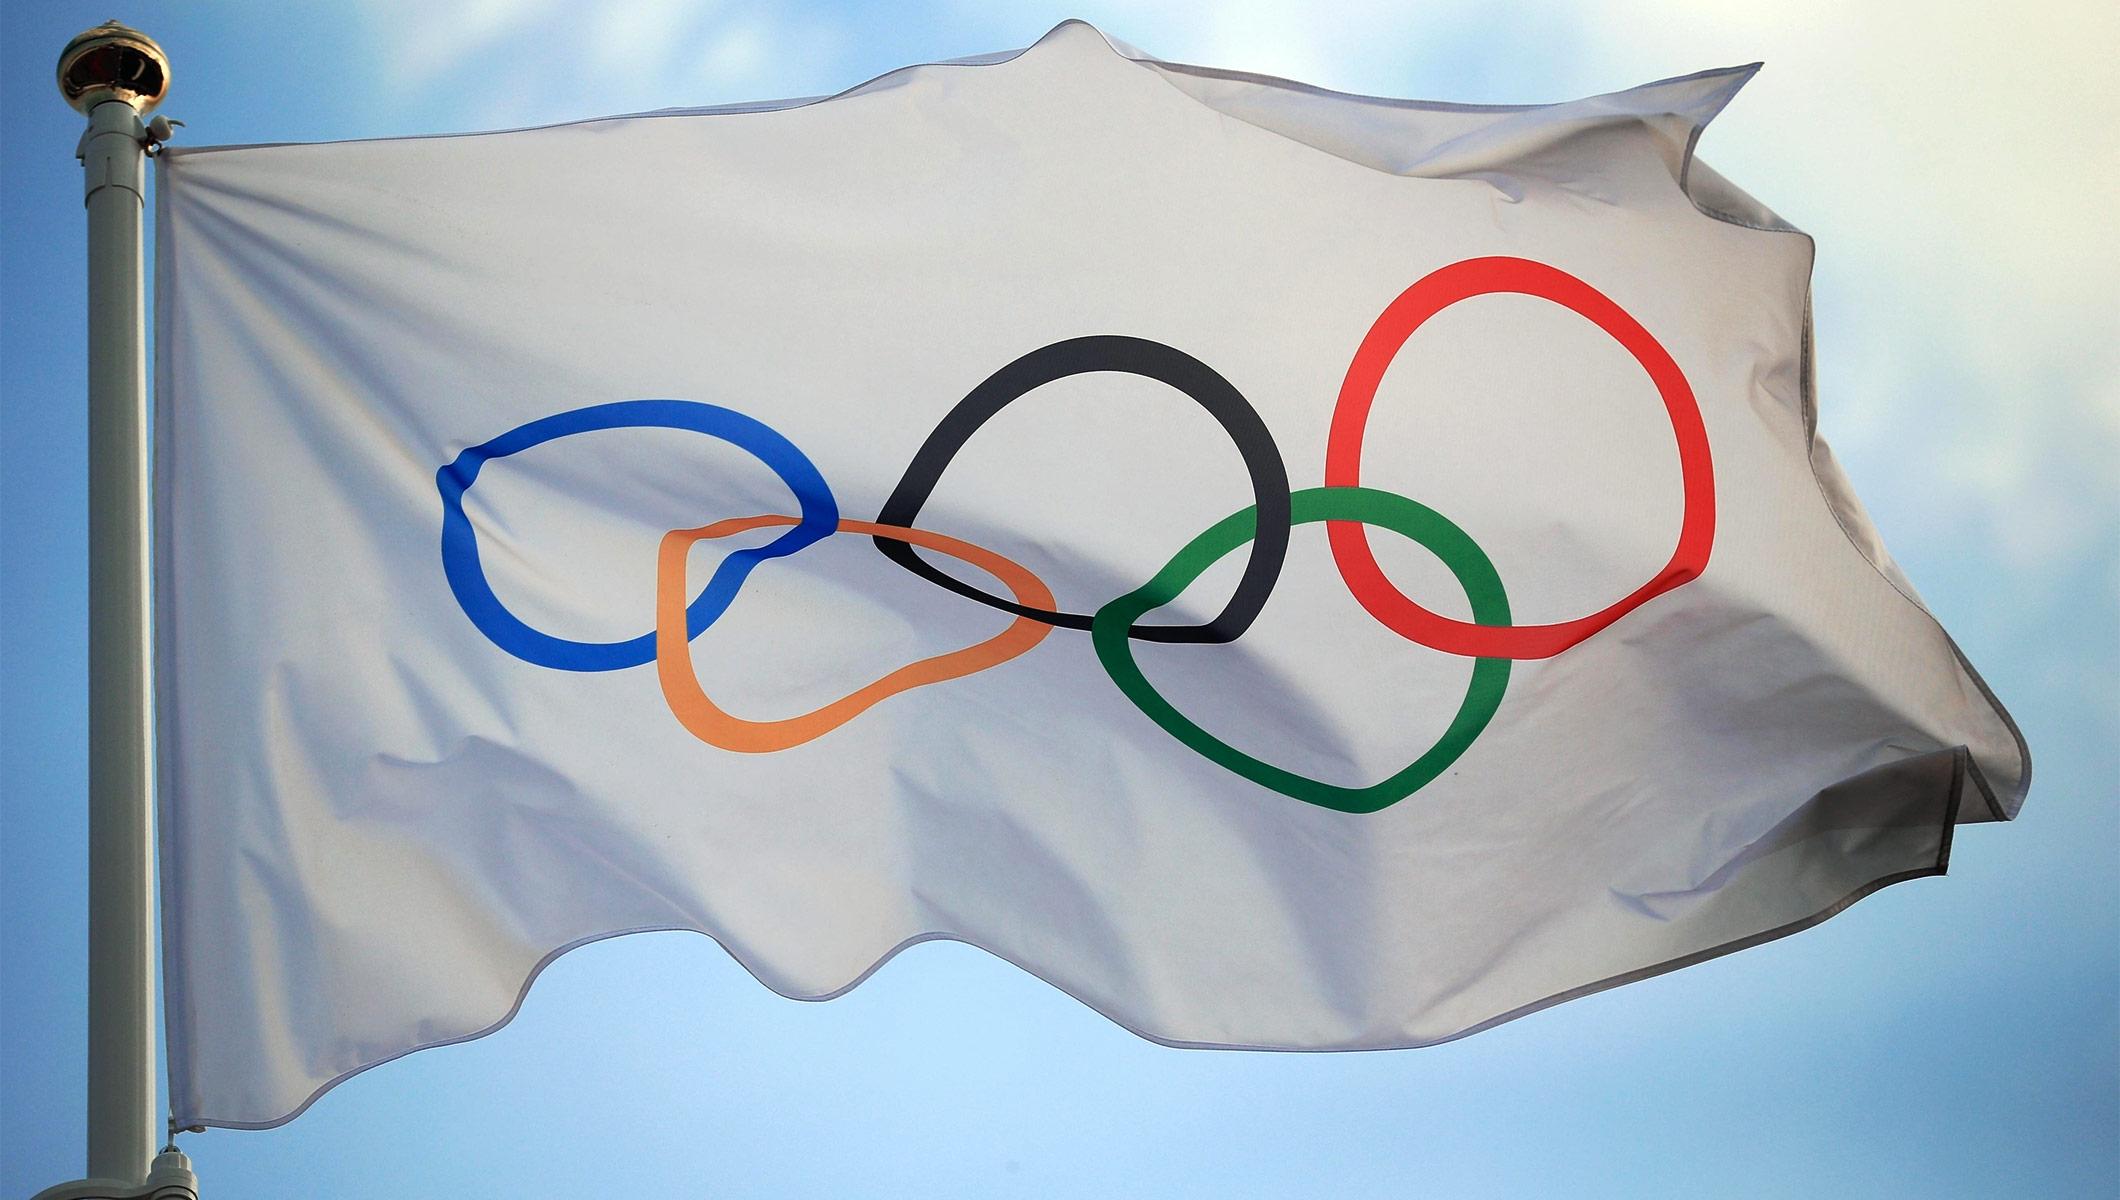 Сочи-2014, чемпионат мира, сборная США, МОК, Лиллехаммер-1994, сборная Швеции, сборная России, сборная Норвегии, сборная Финляндии